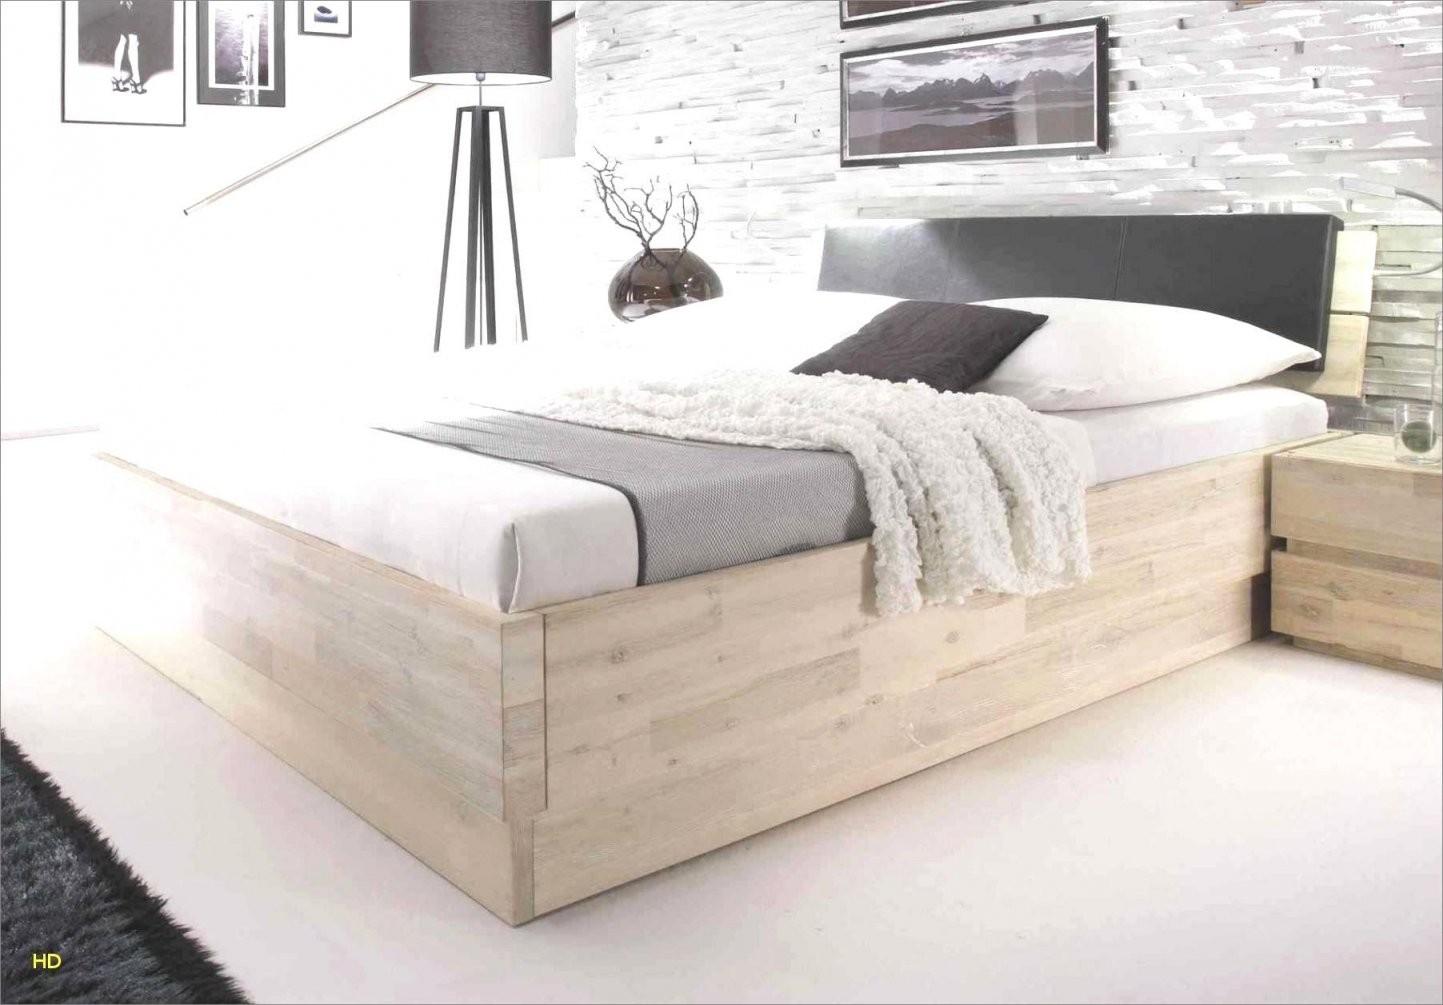 Bett Kopfteil Selber Machen Frisch 19 Beautiful Ausgefallene Betten von Boxspringbett Kopfteil Selbst Bauen Bild